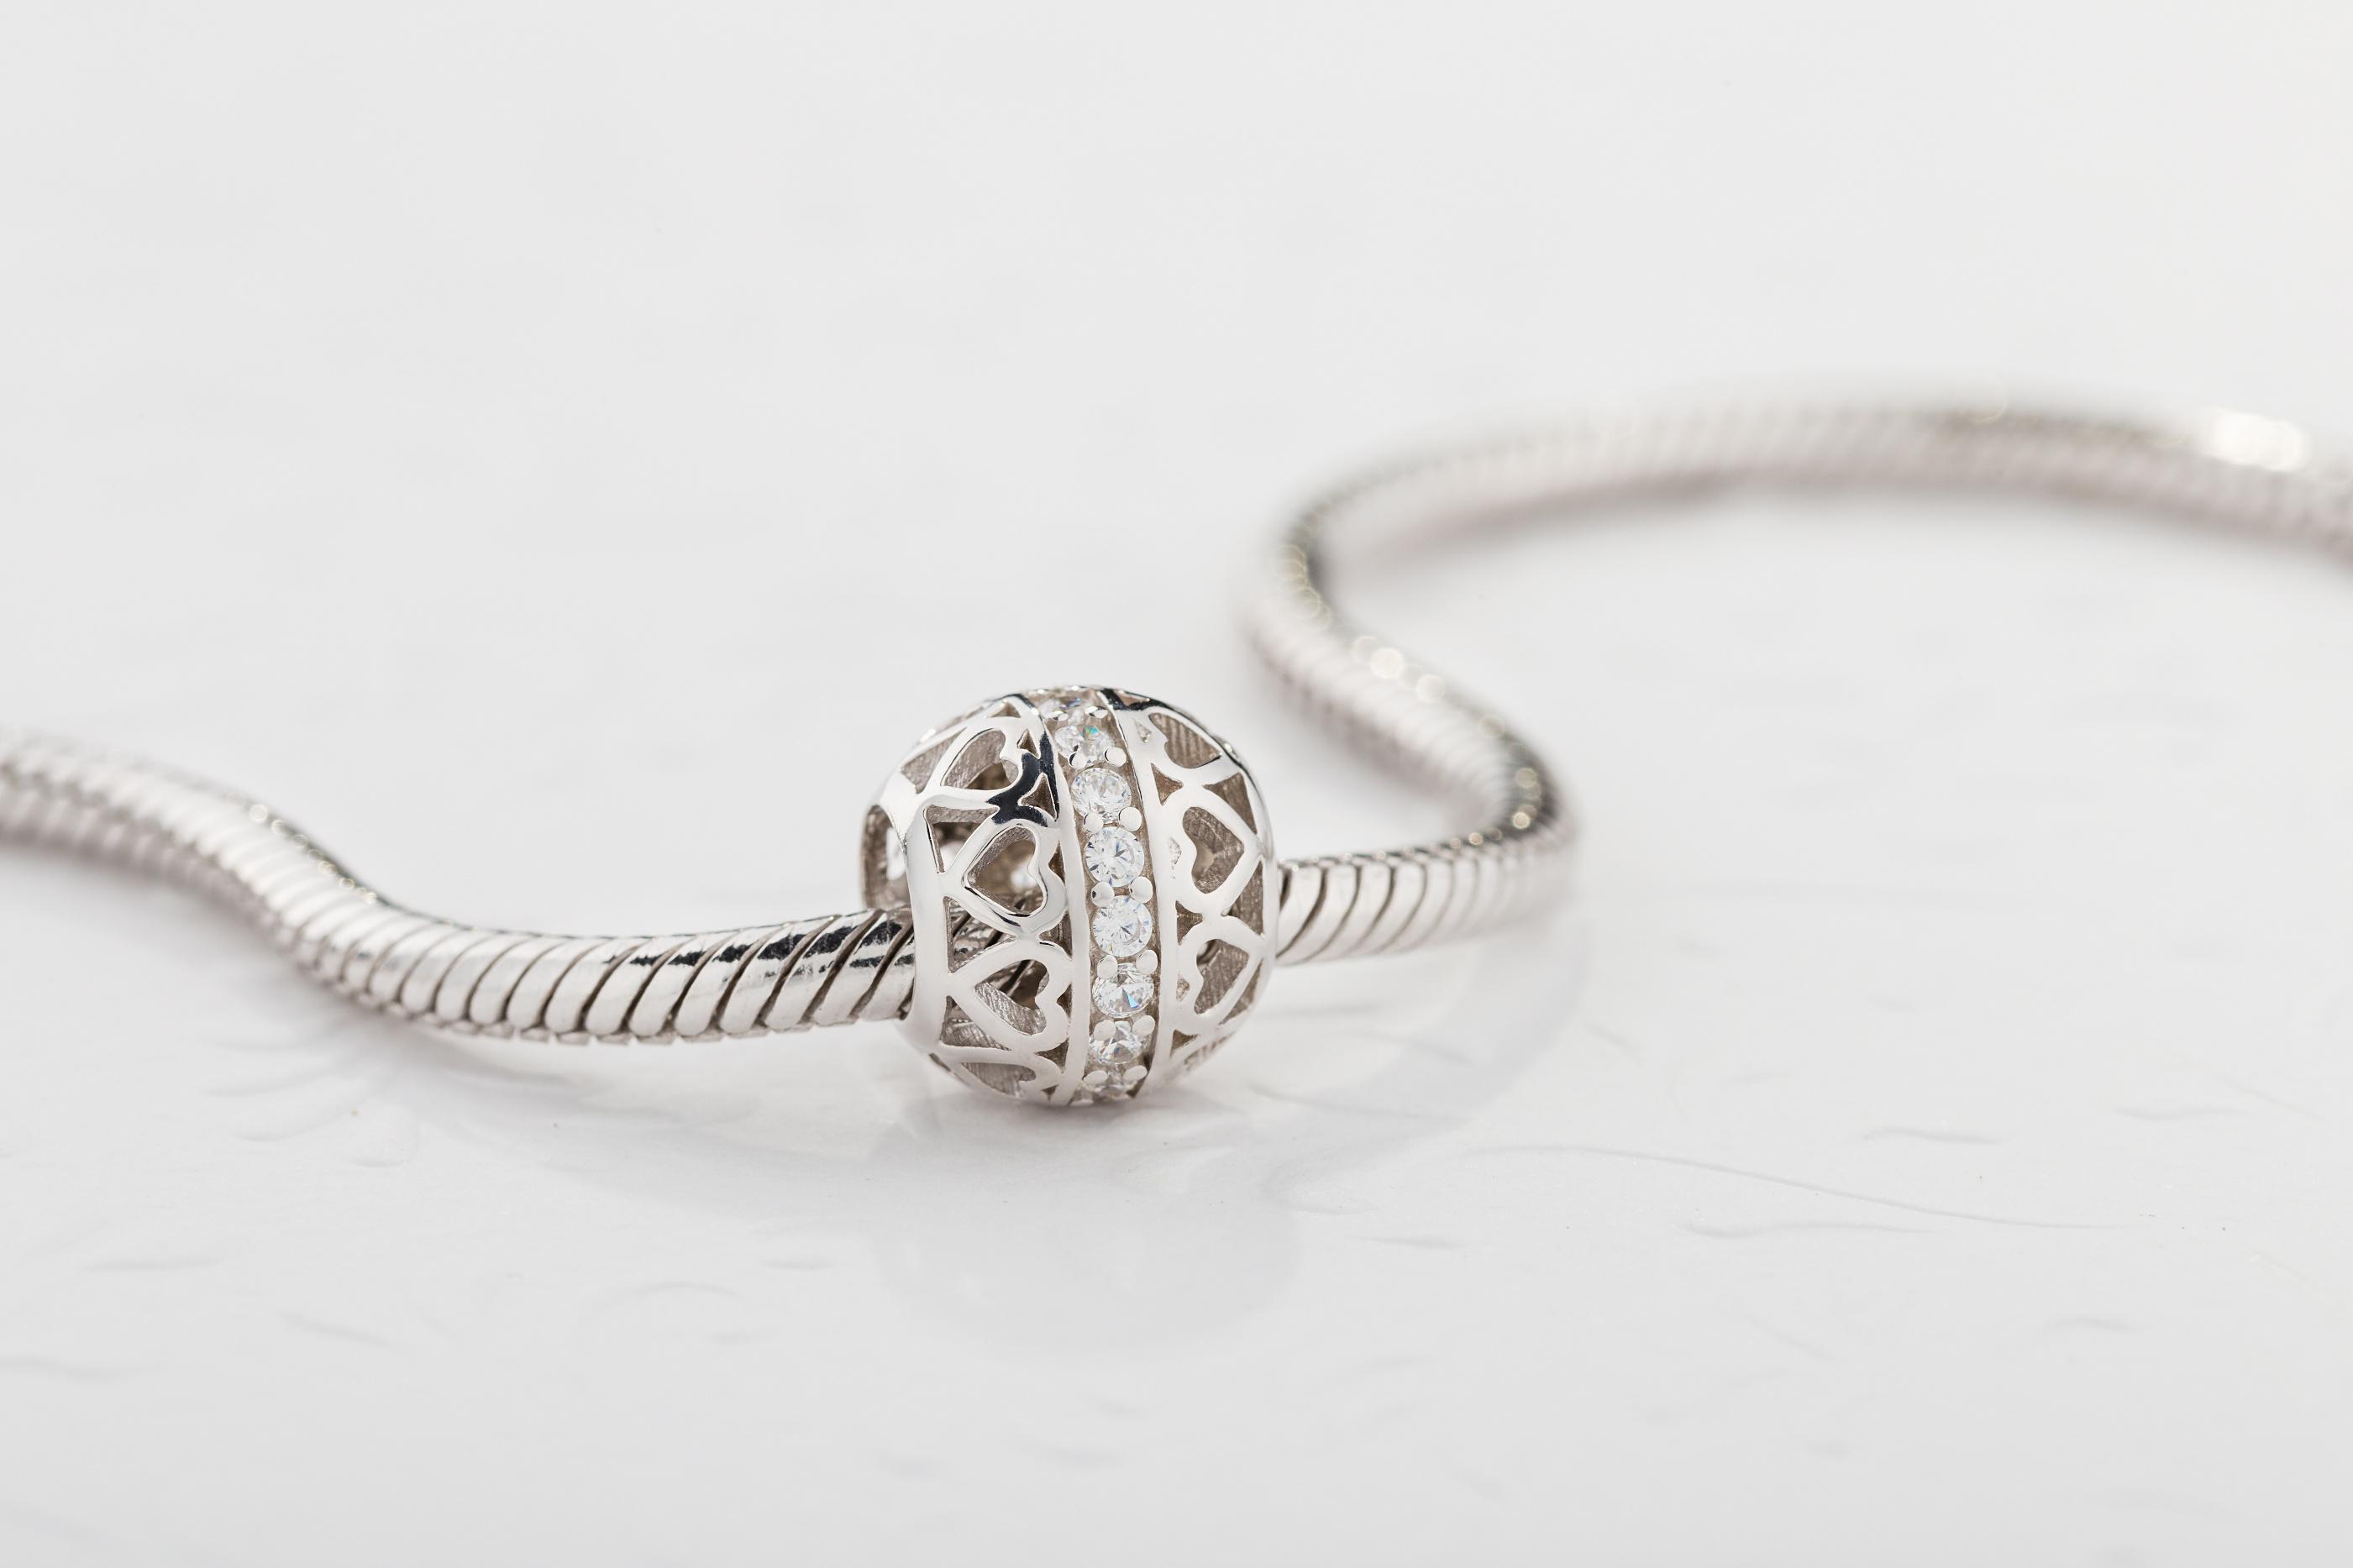 Stwórz własną biżuterię – poznaj zawieszki charms od W.KRUK